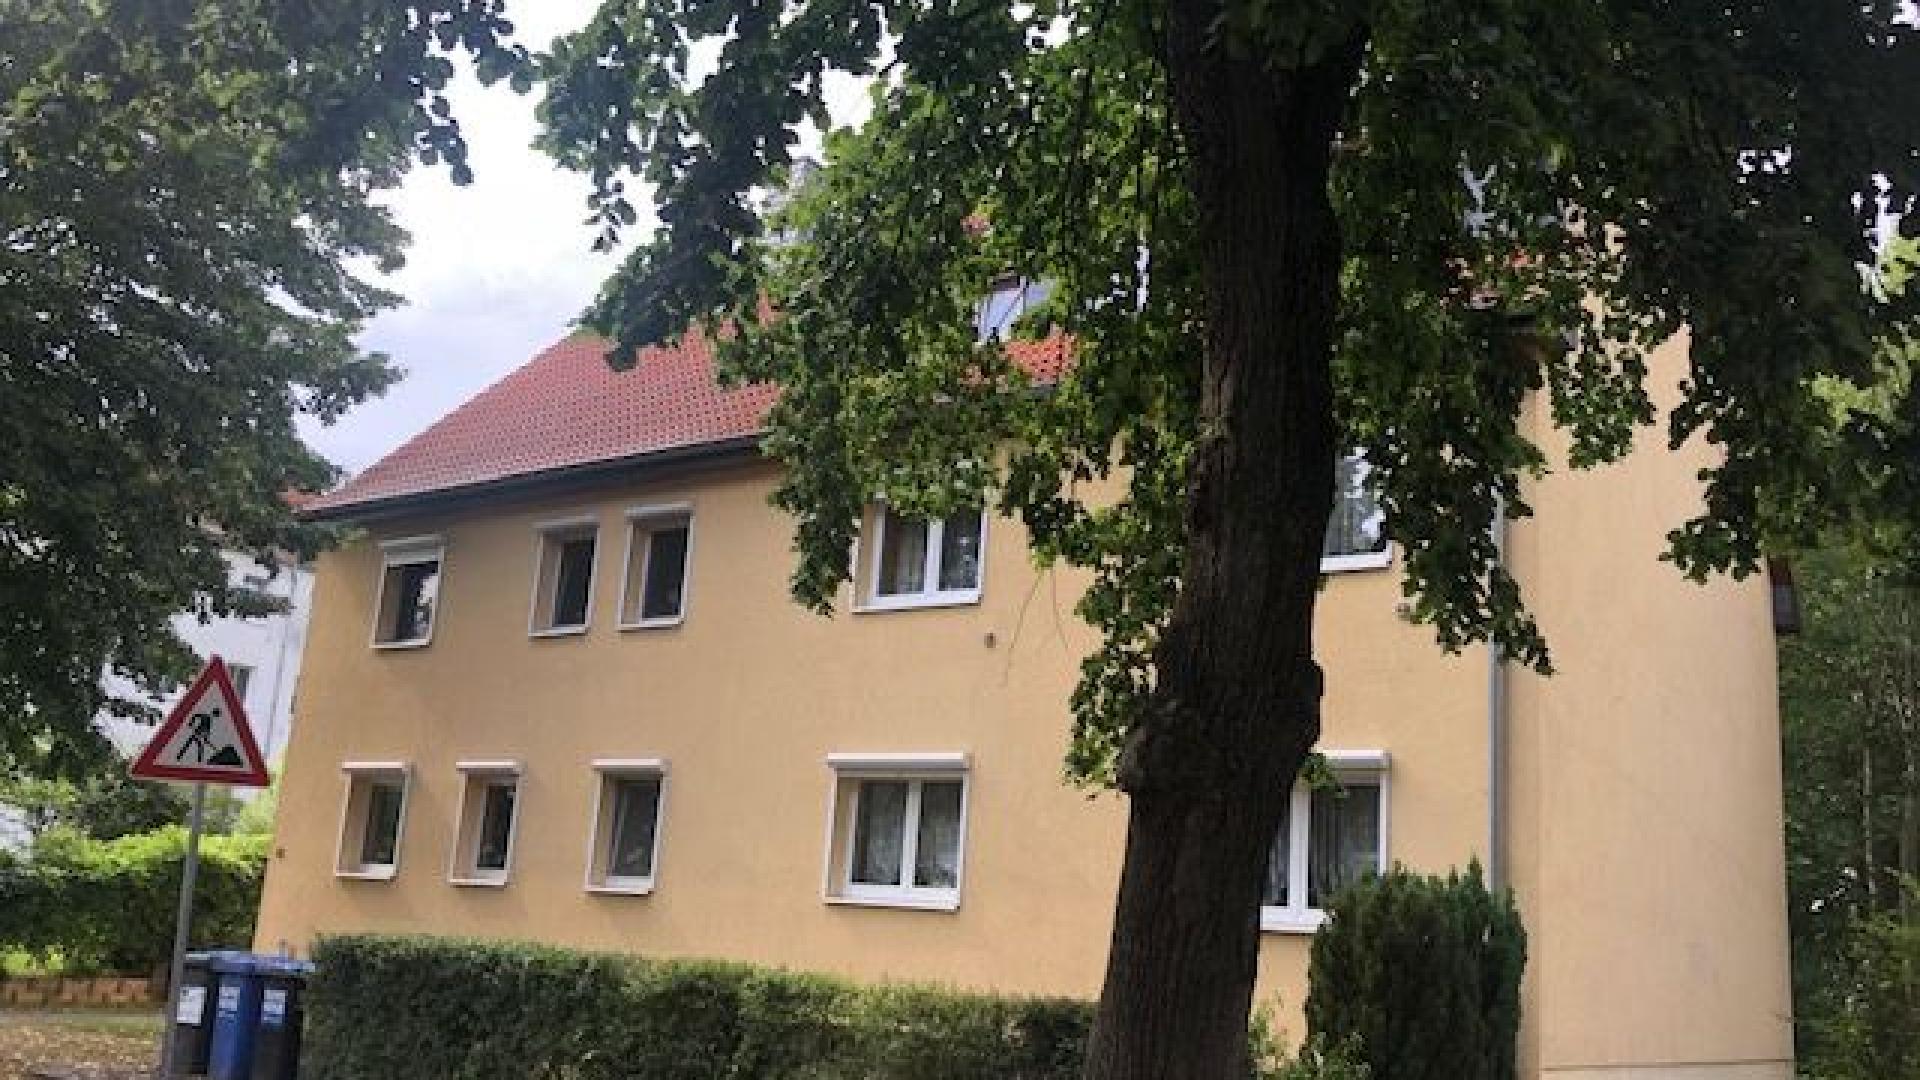 NEUER KAUFPREIS: Eigennutz oder Vermietung: 4 Zimmer-DG Wohnung inkl. Einbauküche in Schkeuditz